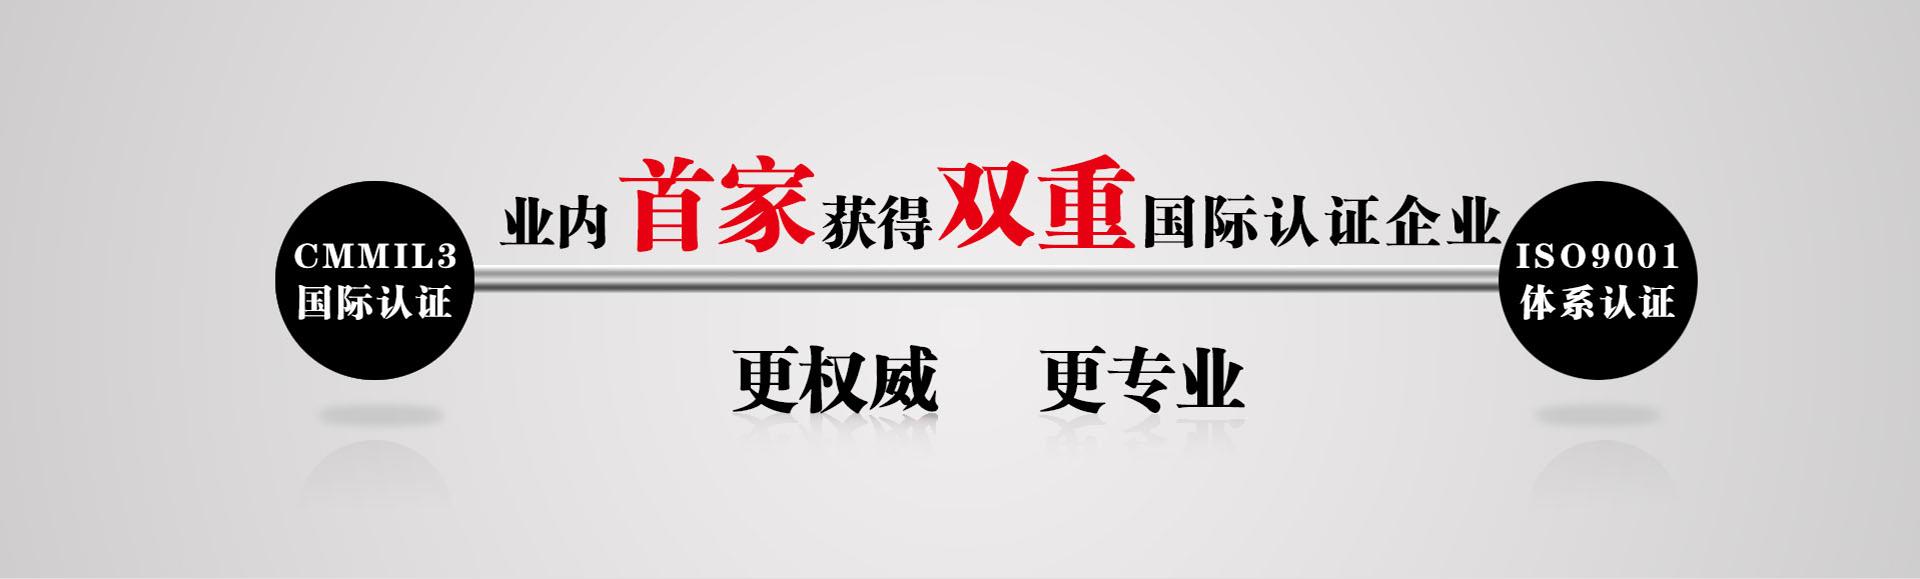 浙大恩特外贸软件